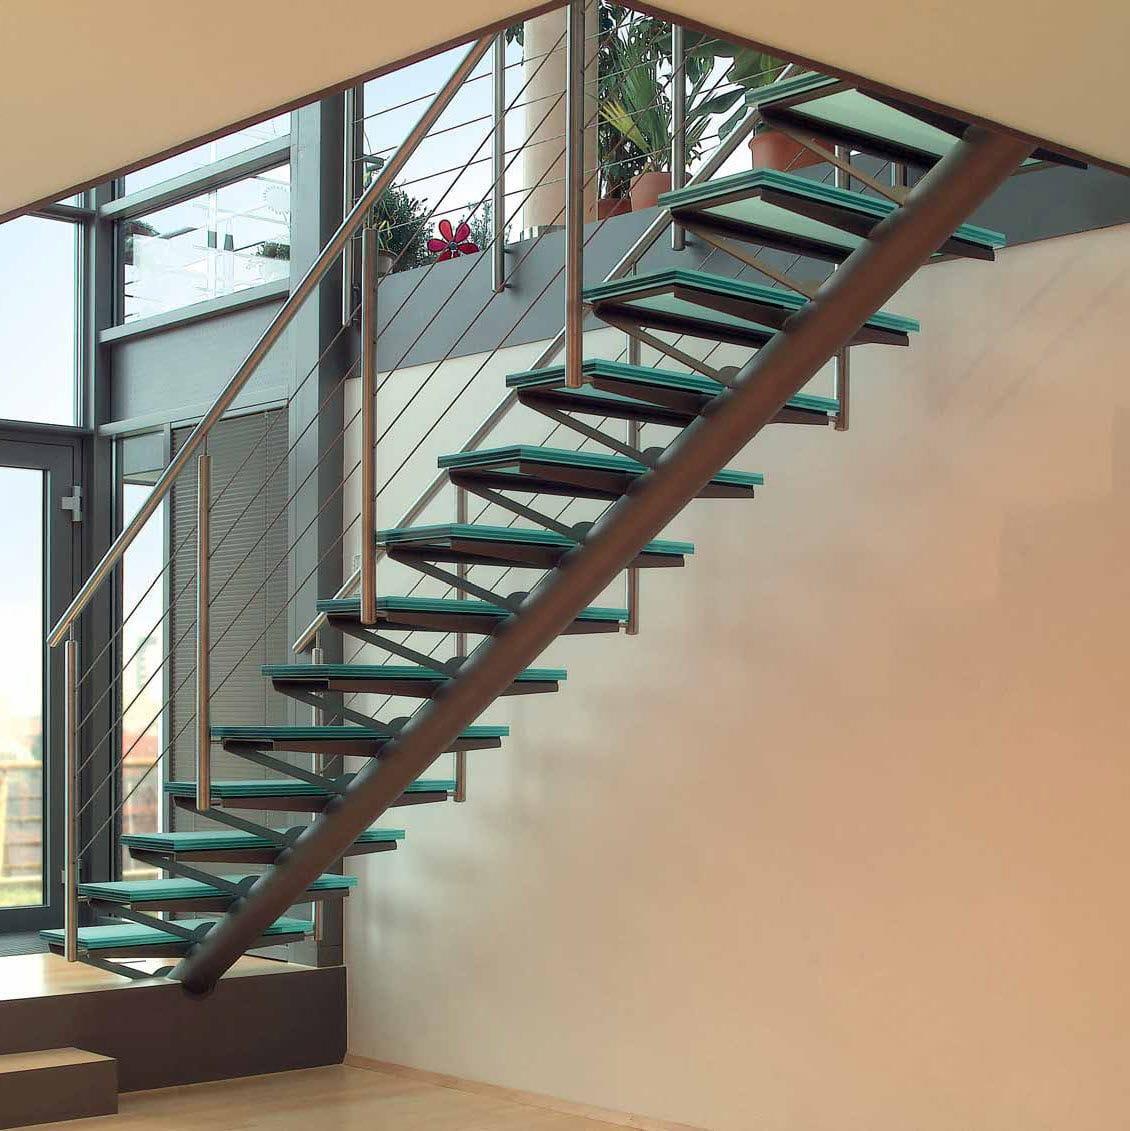 Gerade Treppe / Edelstahlgestell / Glasstufen / Ohne Setzstufe   MODERN  DESIGN